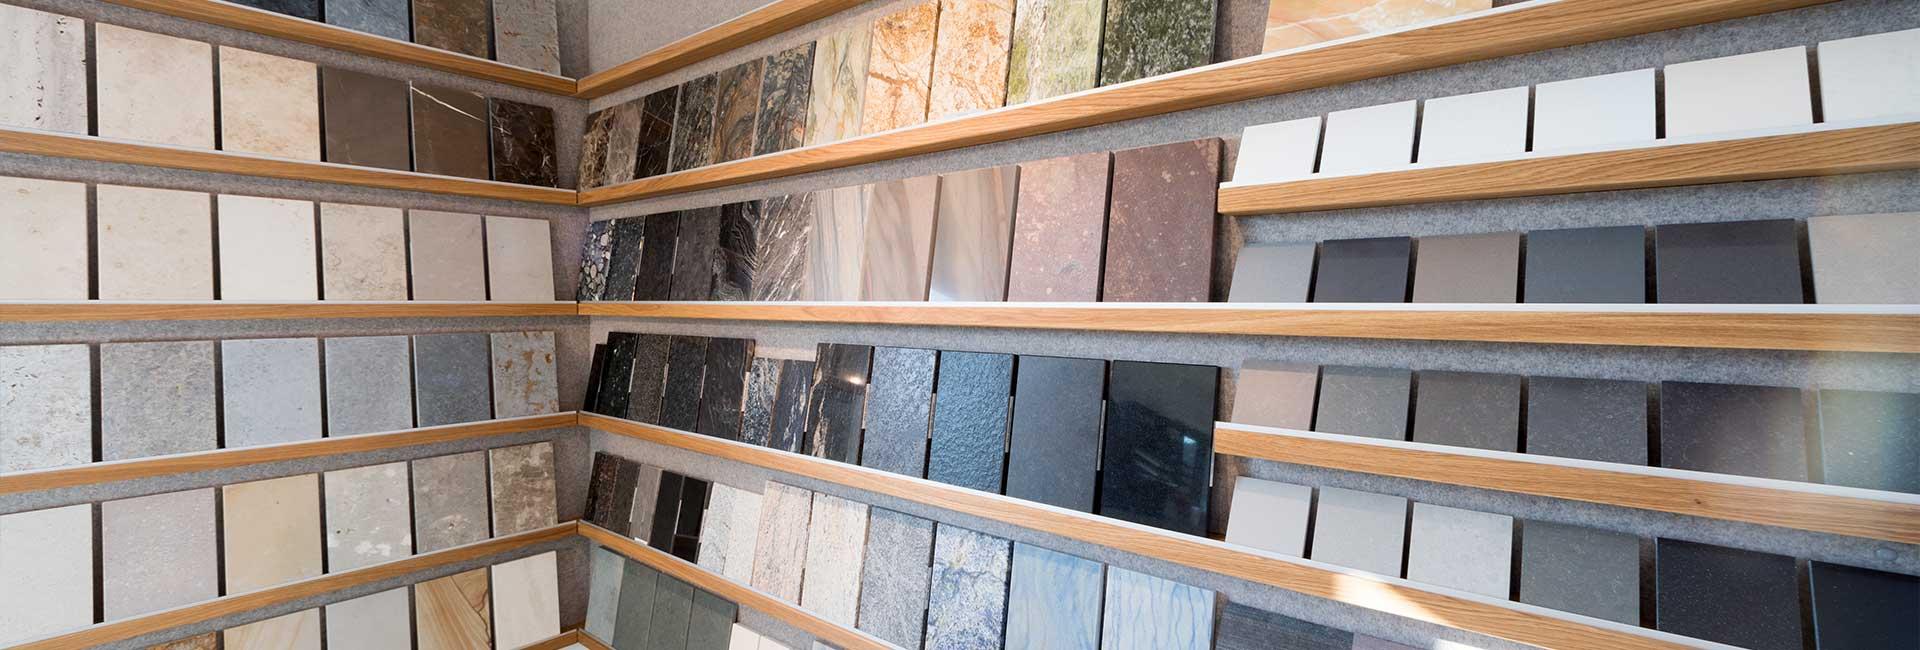 jauer-natursteine-bielefeld-material-slider